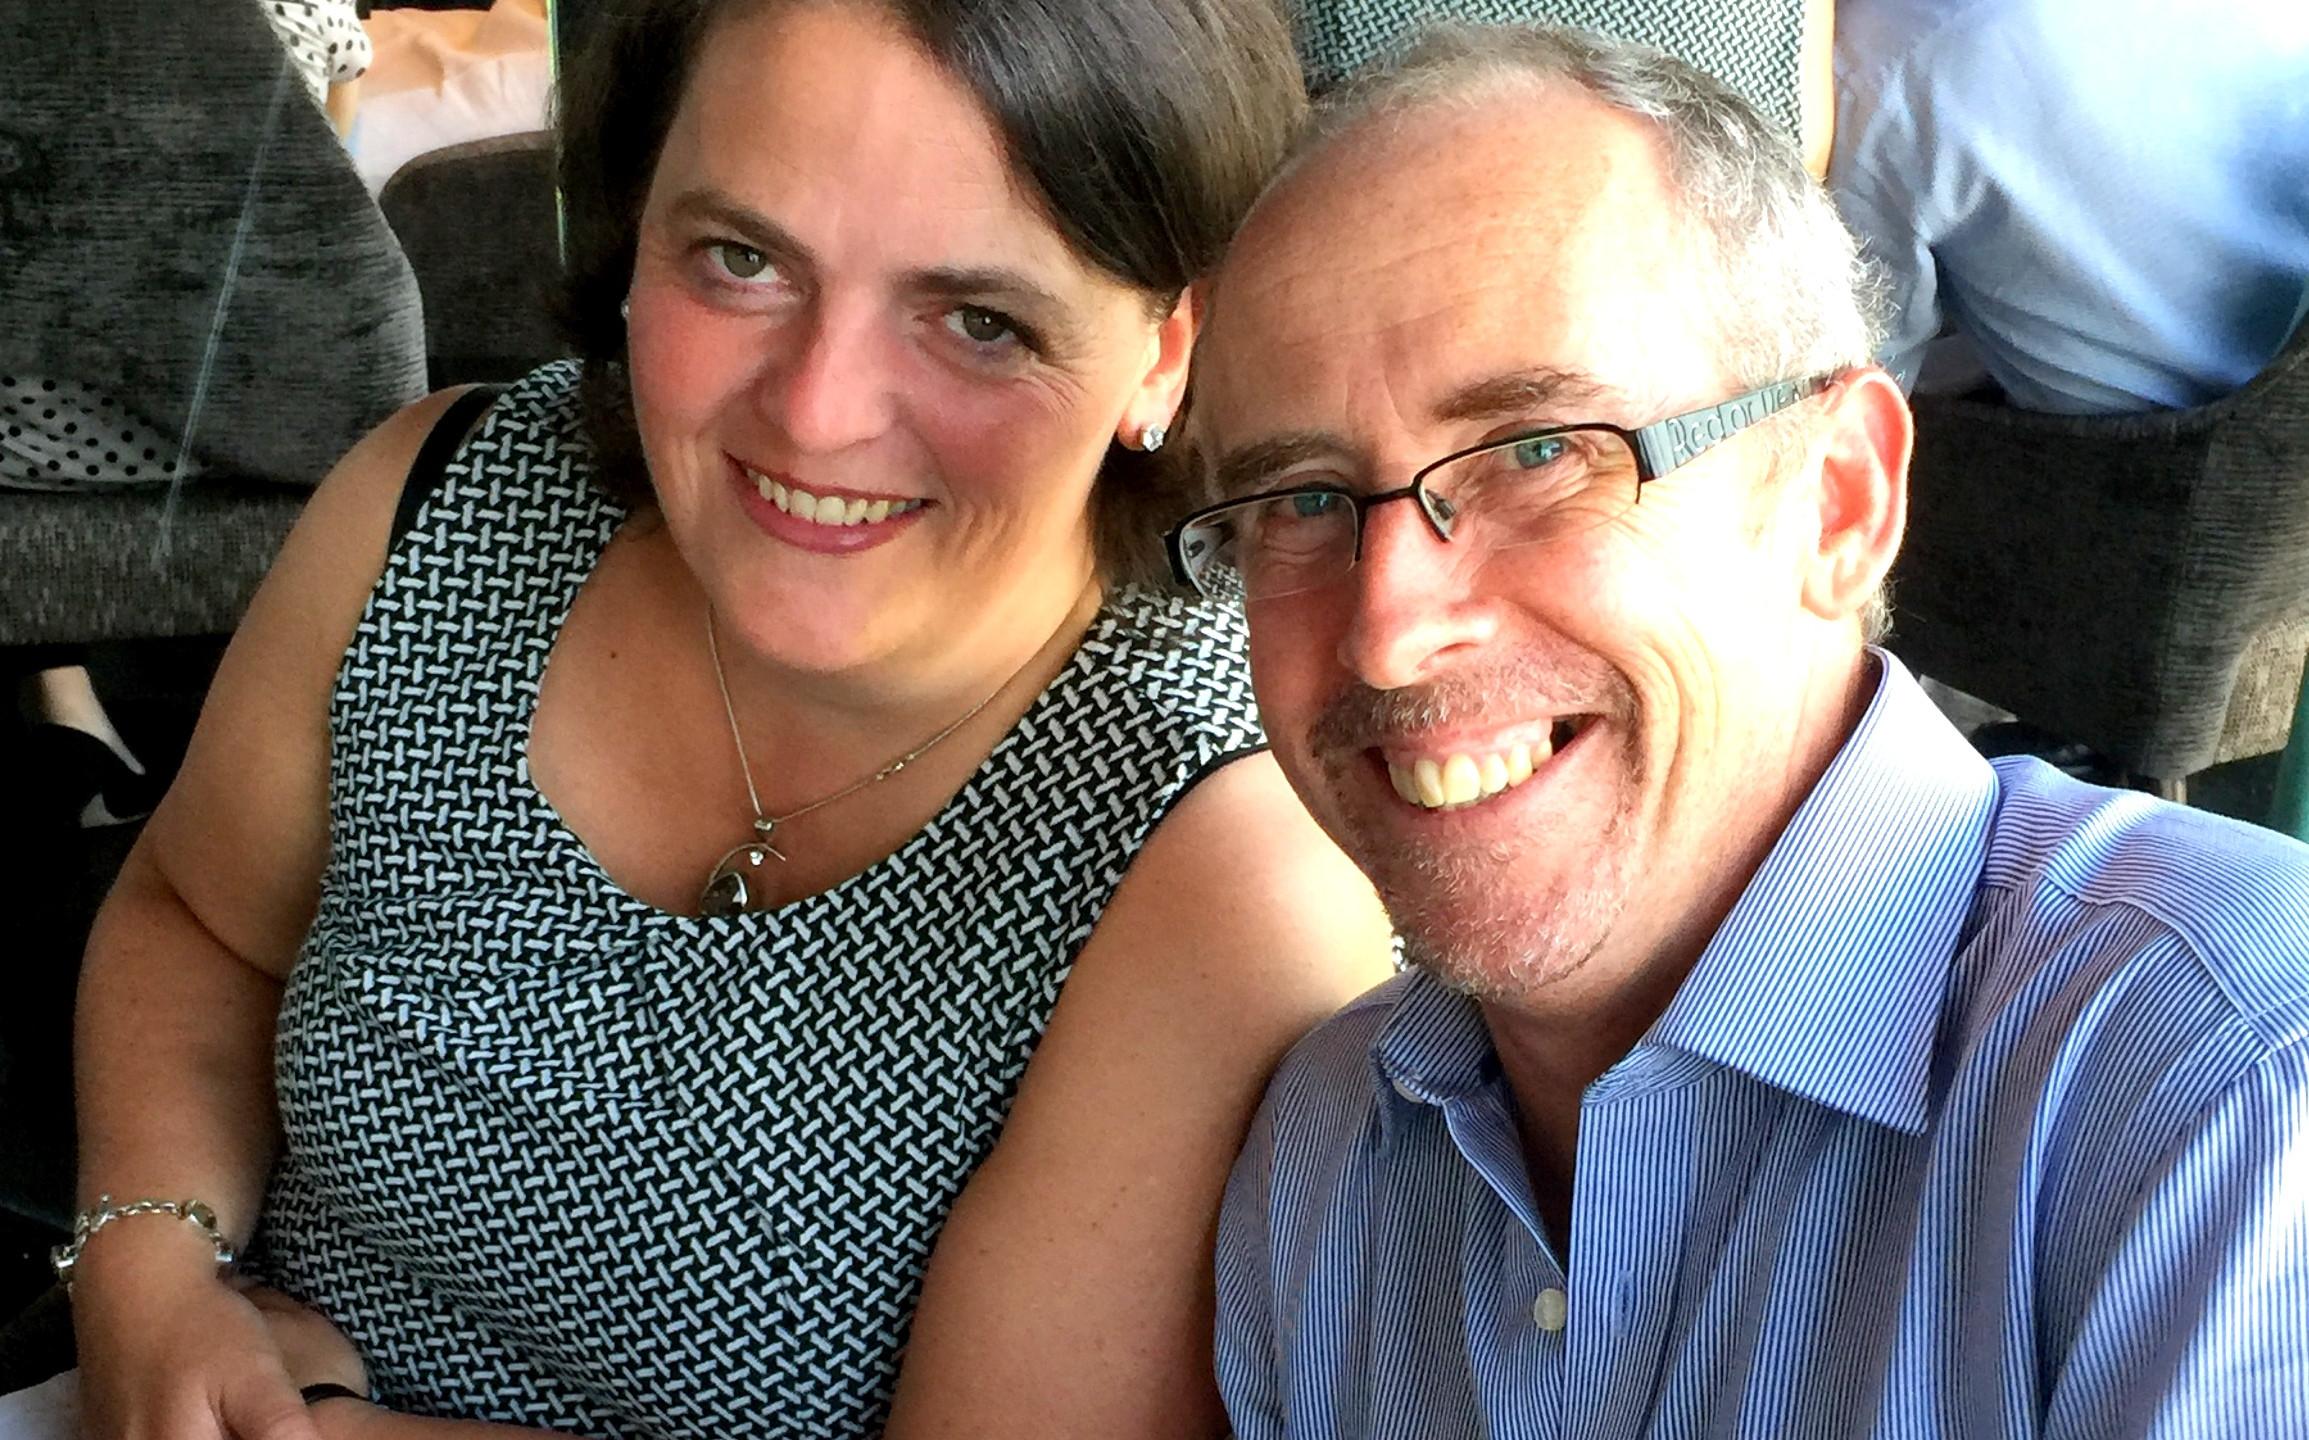 Chartered Surveyor Ashley Payne with wife Victoria enjoying Aqua Shard.